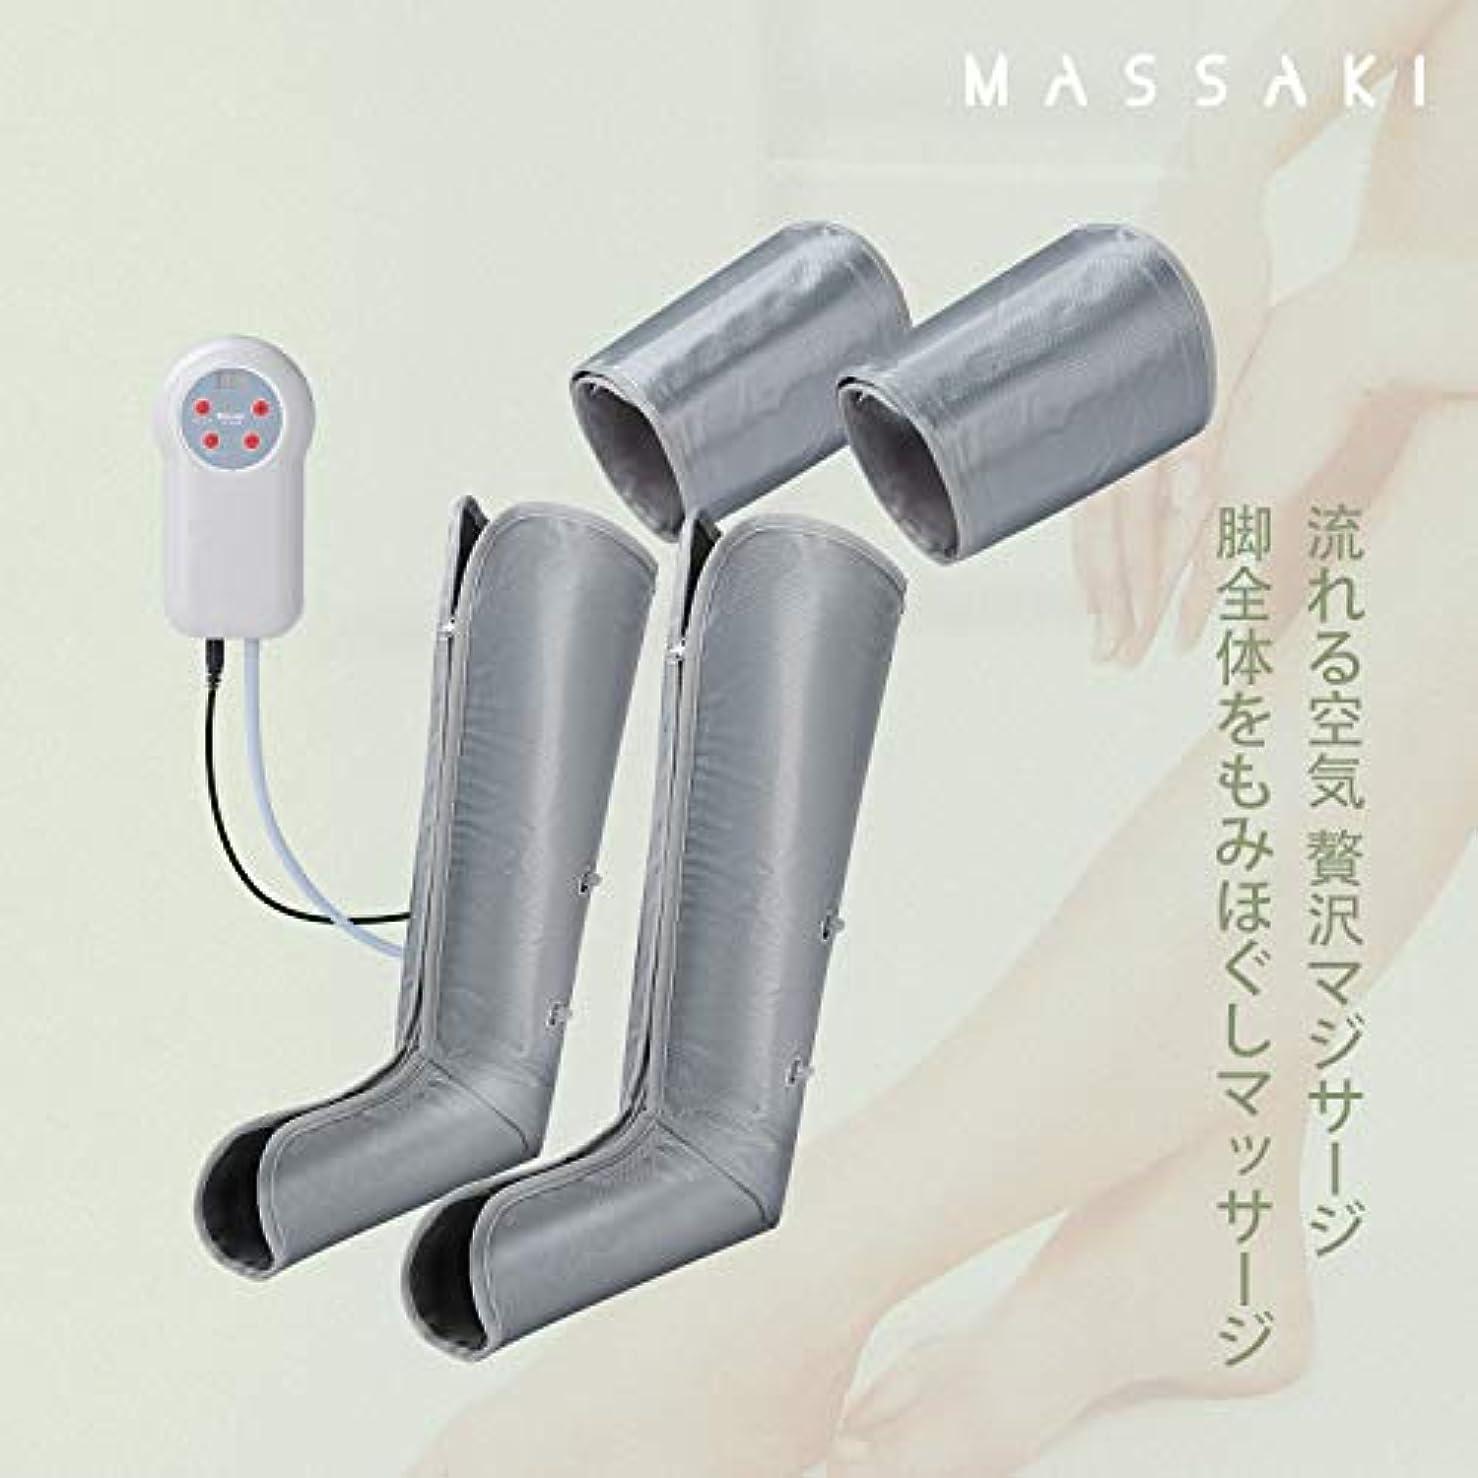 脈拍魔法強調するフットマッサージャー エアーマッサージャー フットマッサージ器 フットマッサージ機 ひざ/太もも巻き対応 自動モード 手動モード